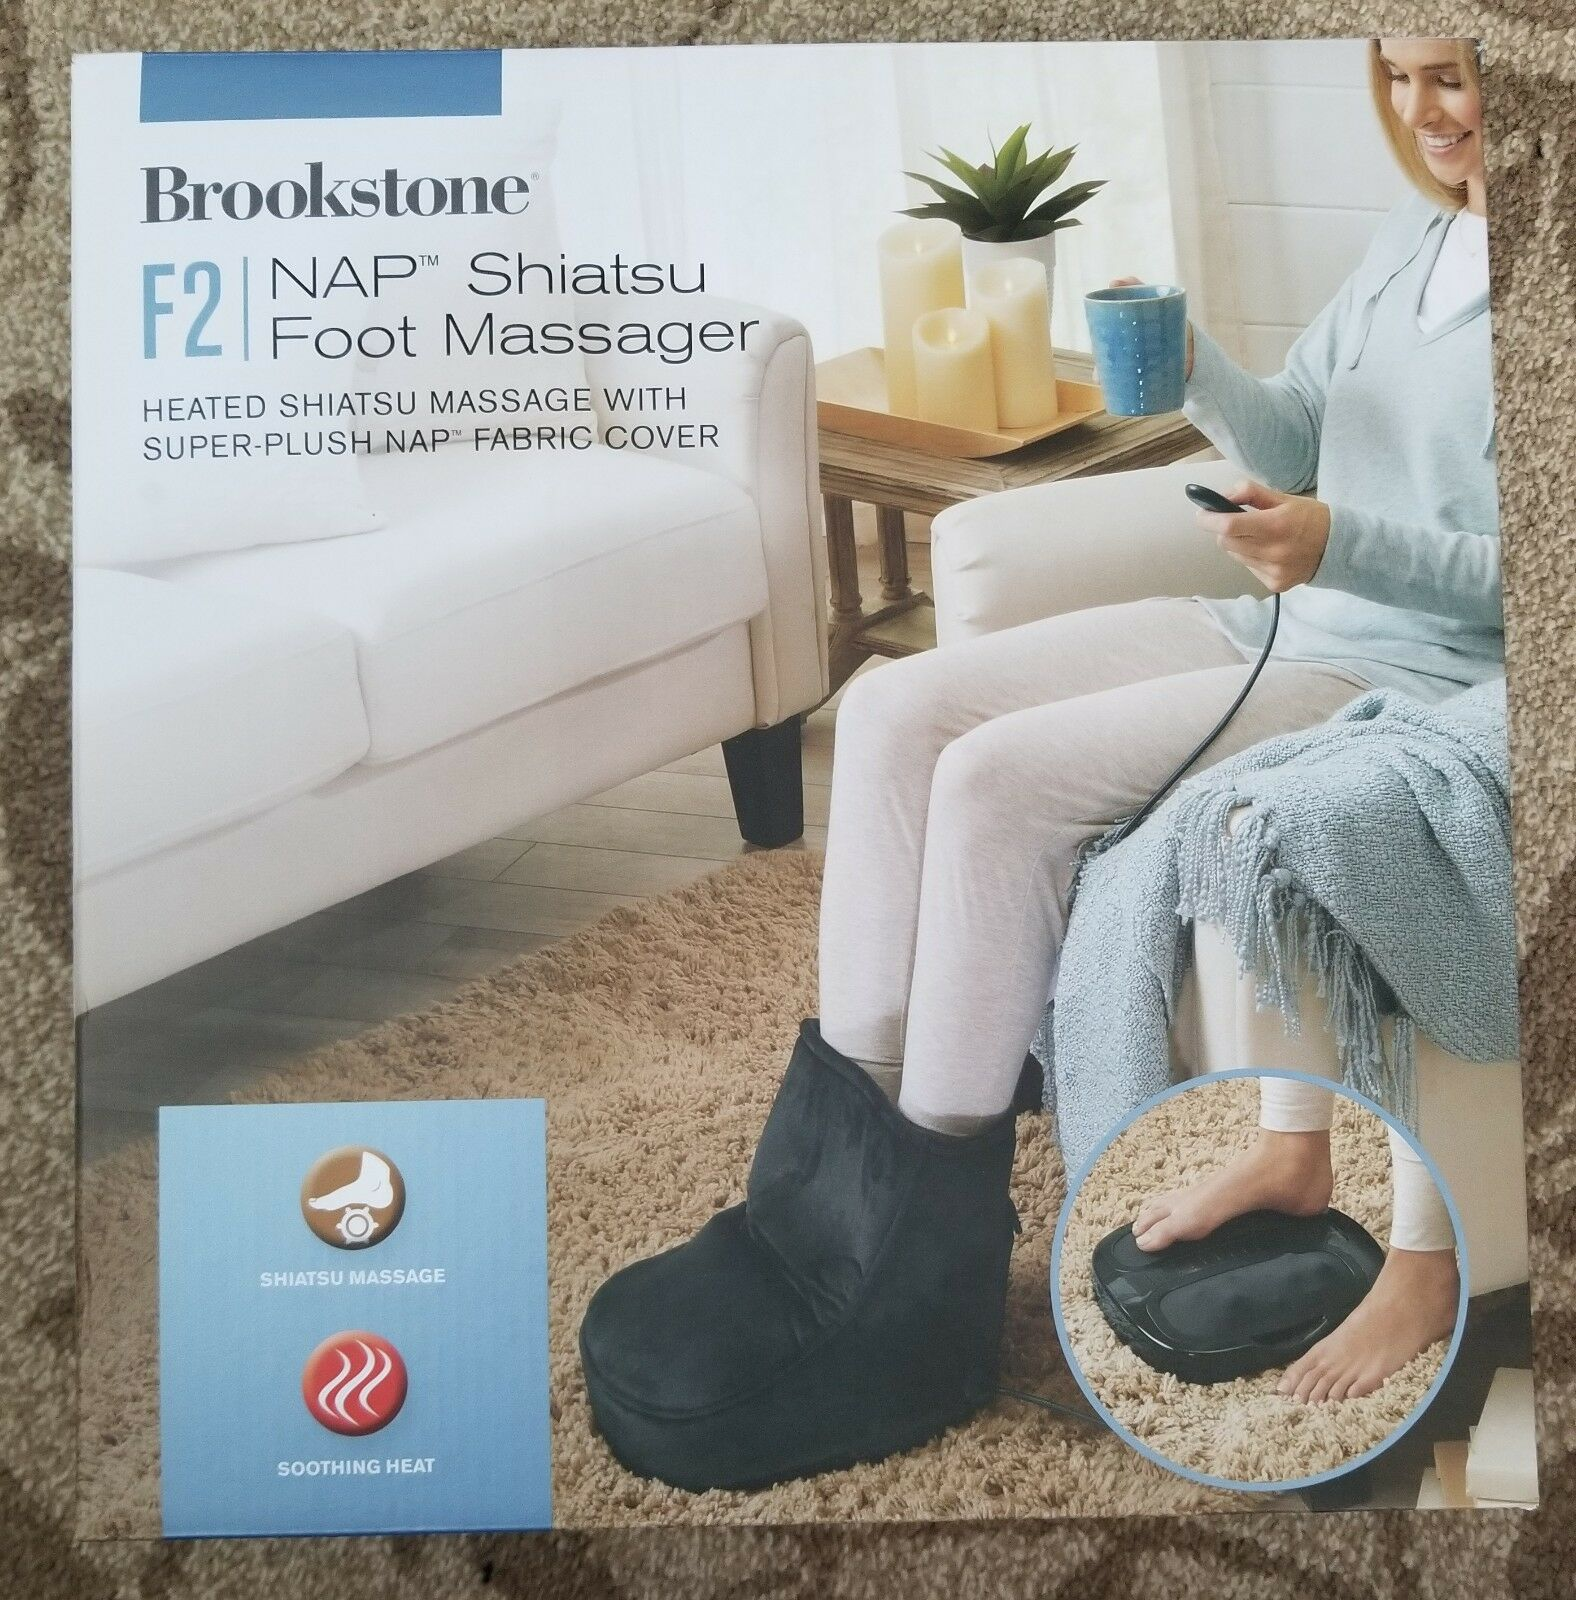 Brookstone Shiatsu Foot Massager F2 NAP Heated  Fabric Cover